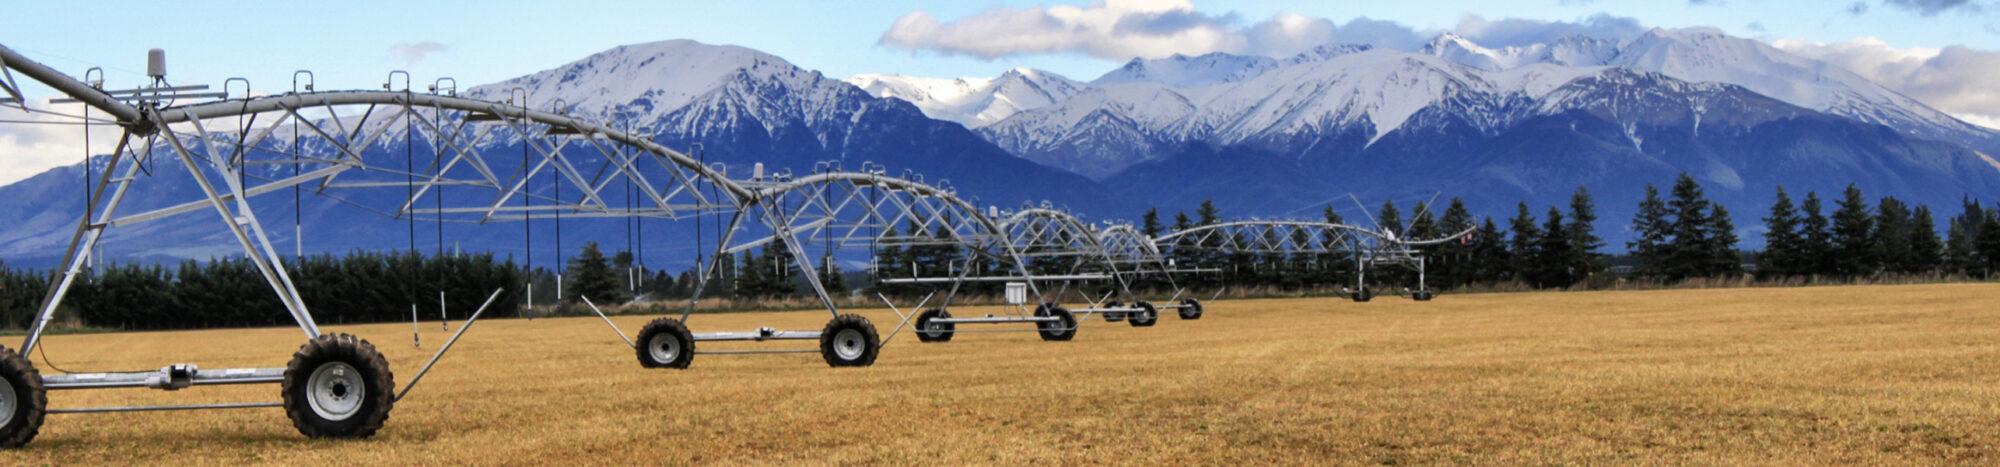 plains-irrigators-homepage-slider-6